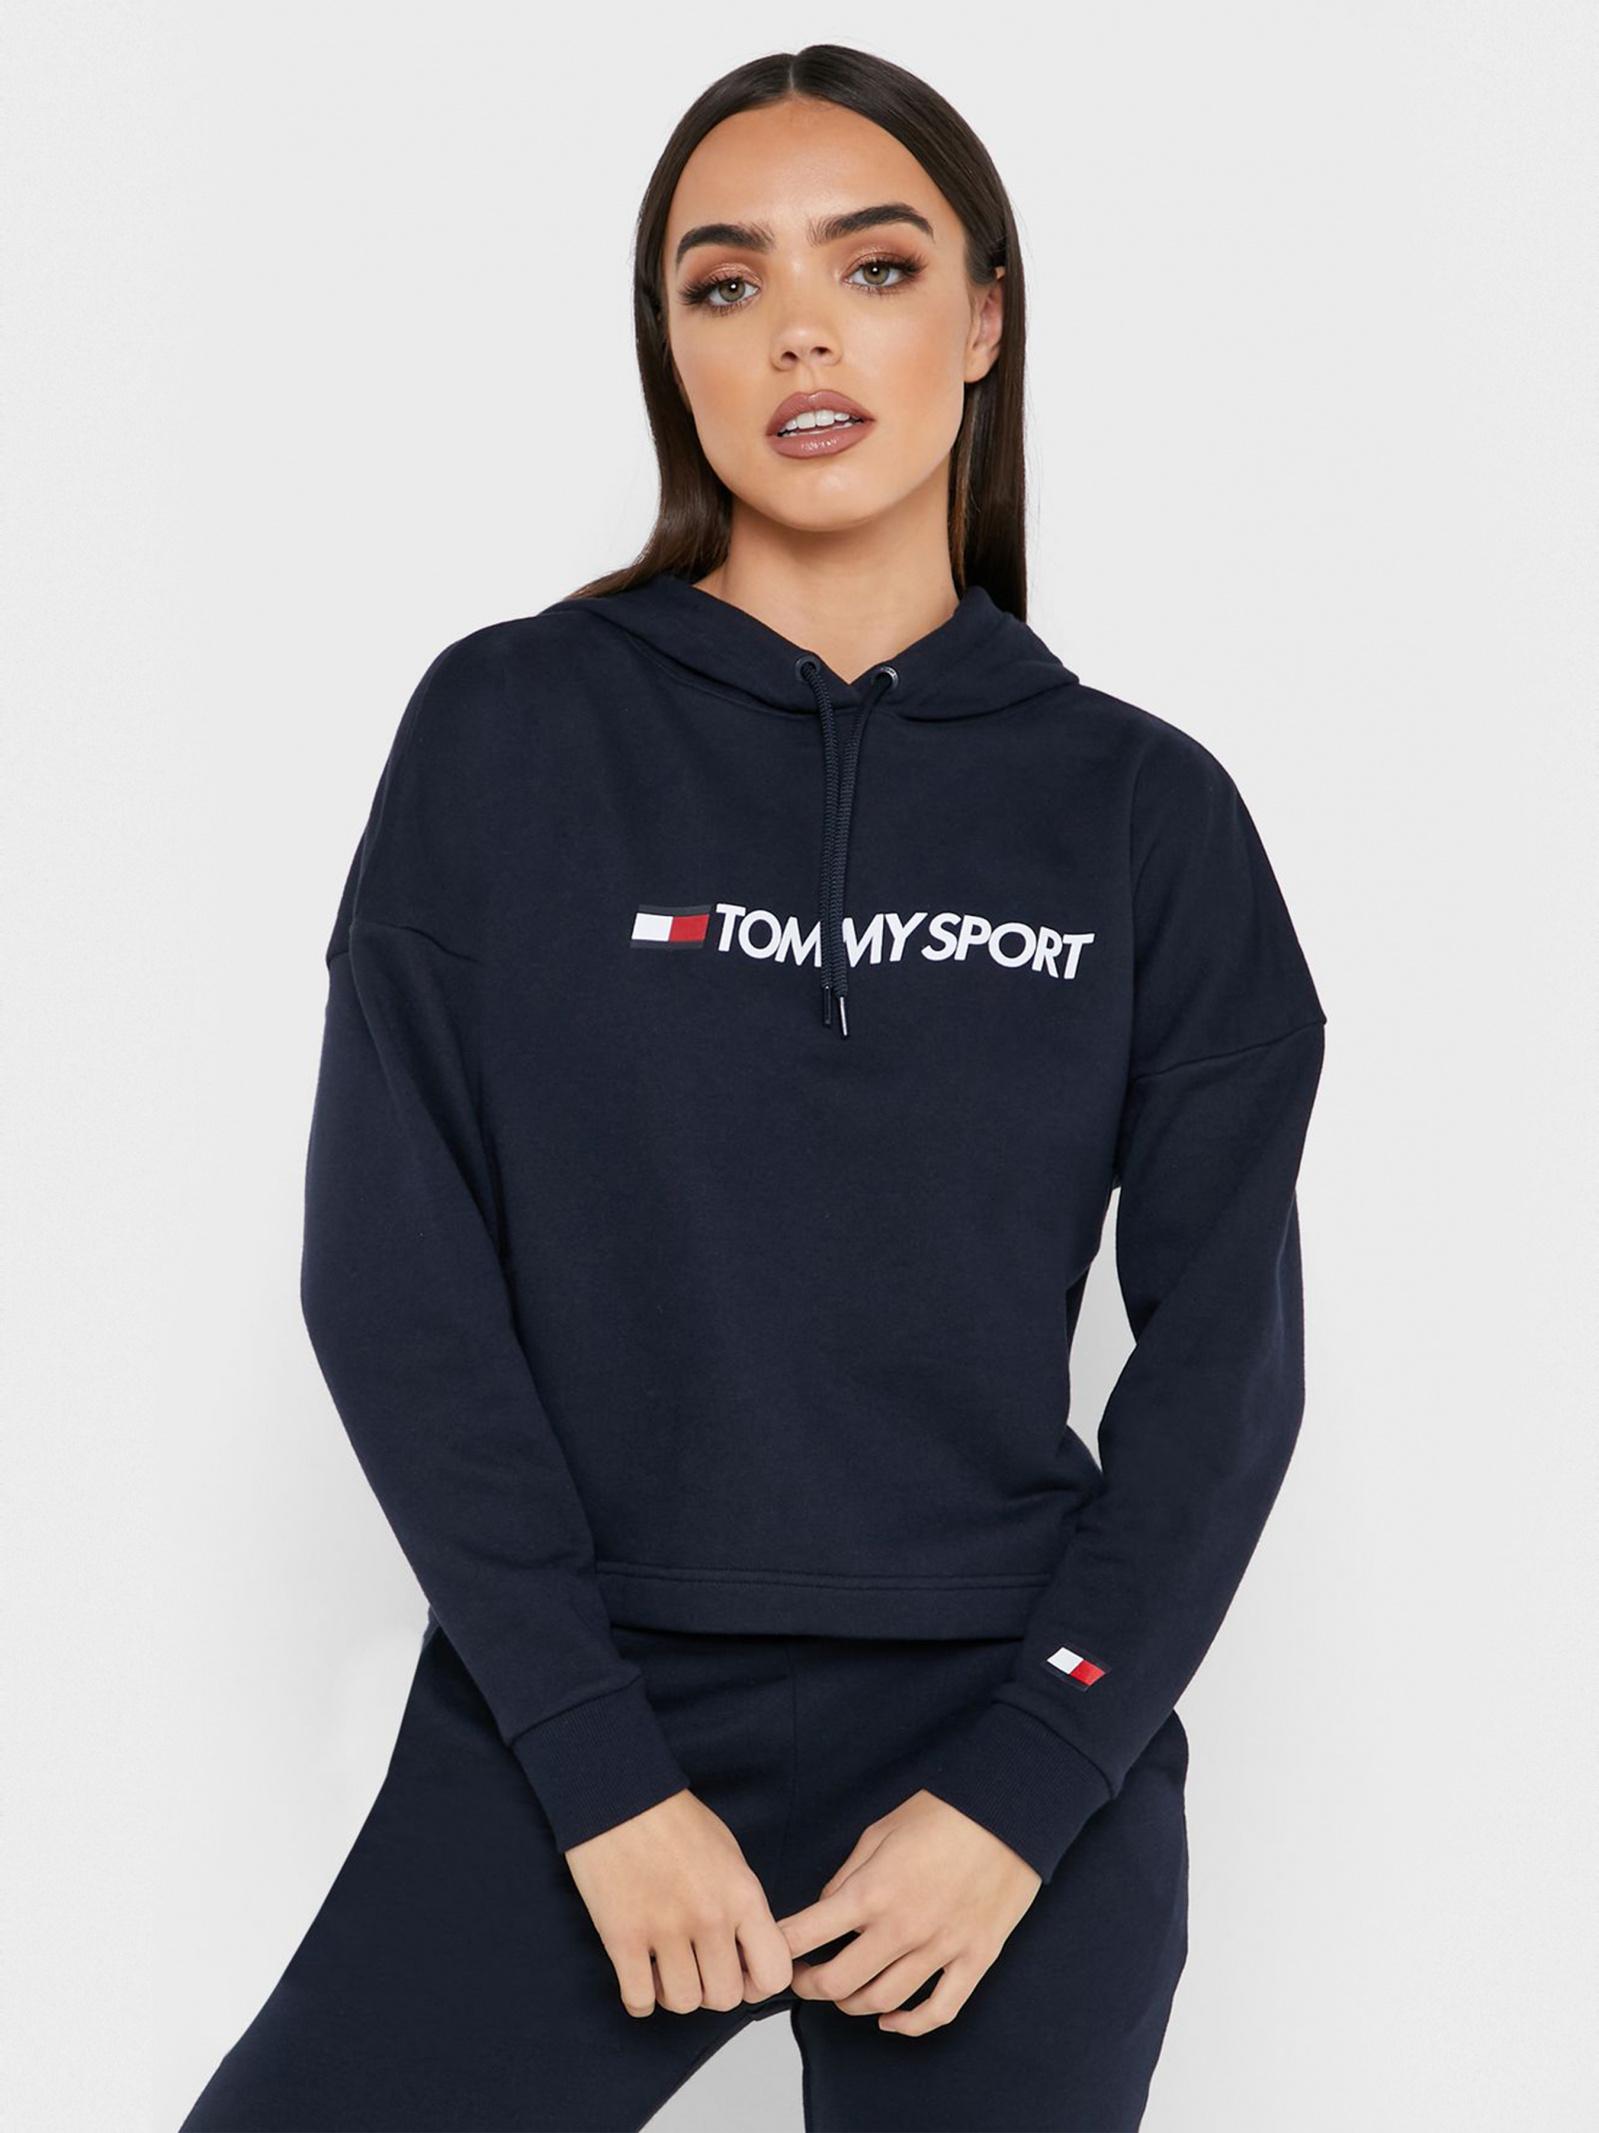 Кофты и свитера женские Tommy Hilfiger модель TC1556 приобрести, 2017